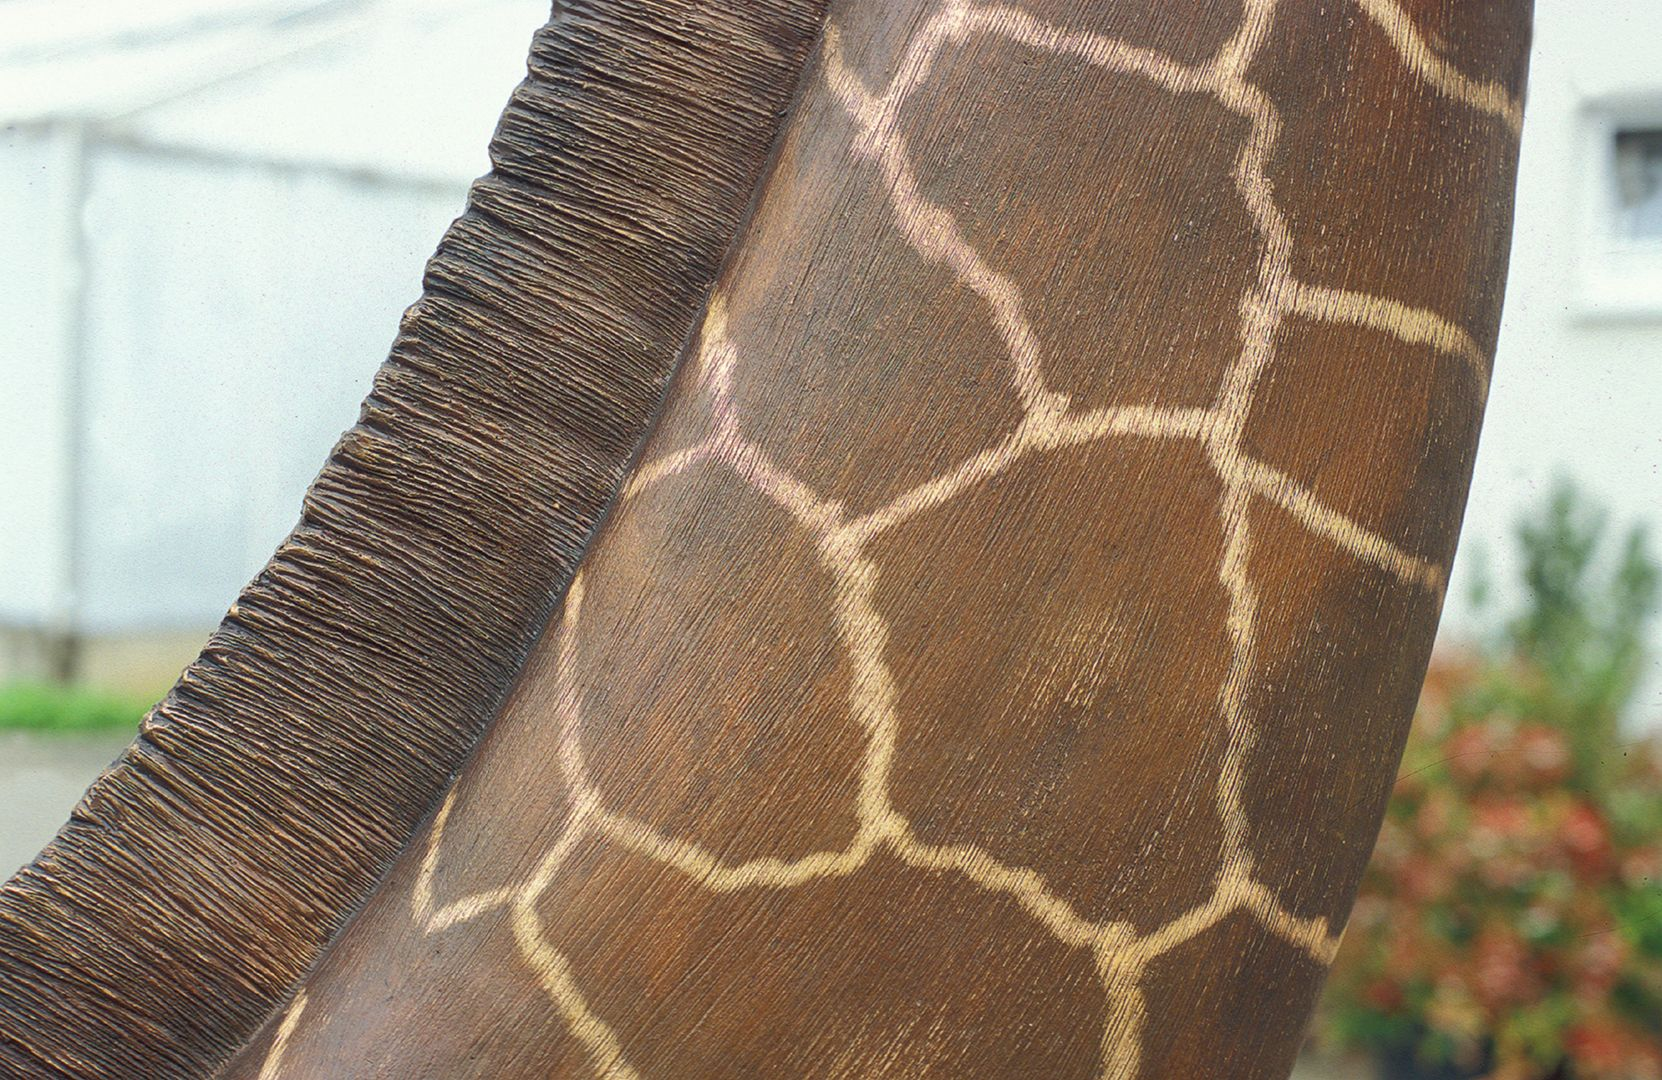 Netzgiraffe Hals, Detail